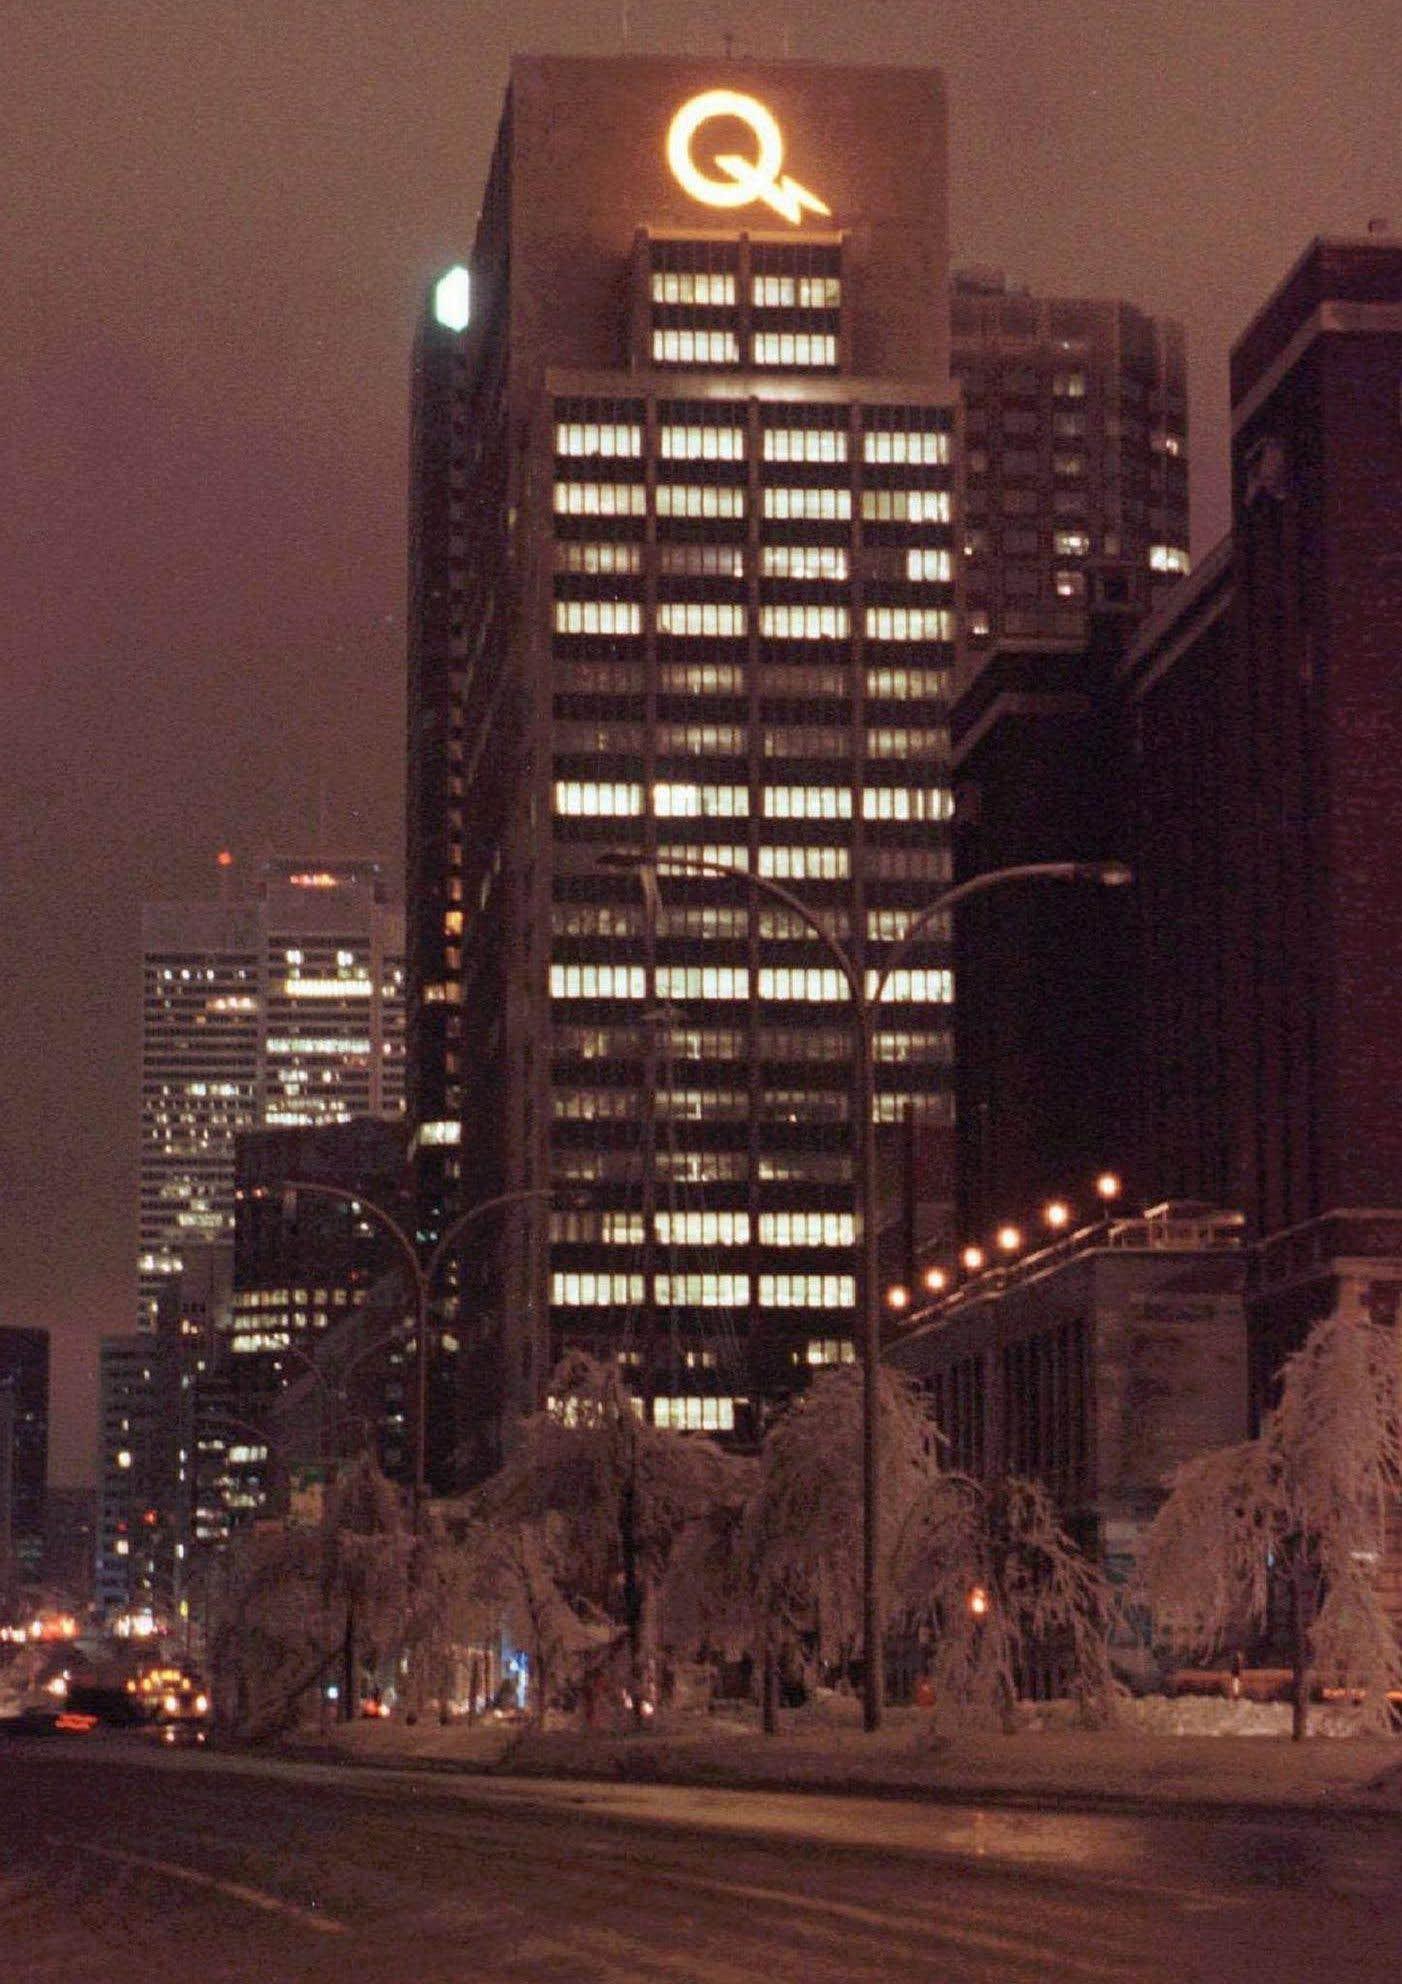 Le logo d'Hydro-Québec illumine le centre-ville de Montréal, plongé dans le noir à la suite de la tempête de verglas. Au plus fort de la crise, 1,4 million de clients d'Hydro-Québec se sont retrouvés sans électricité.